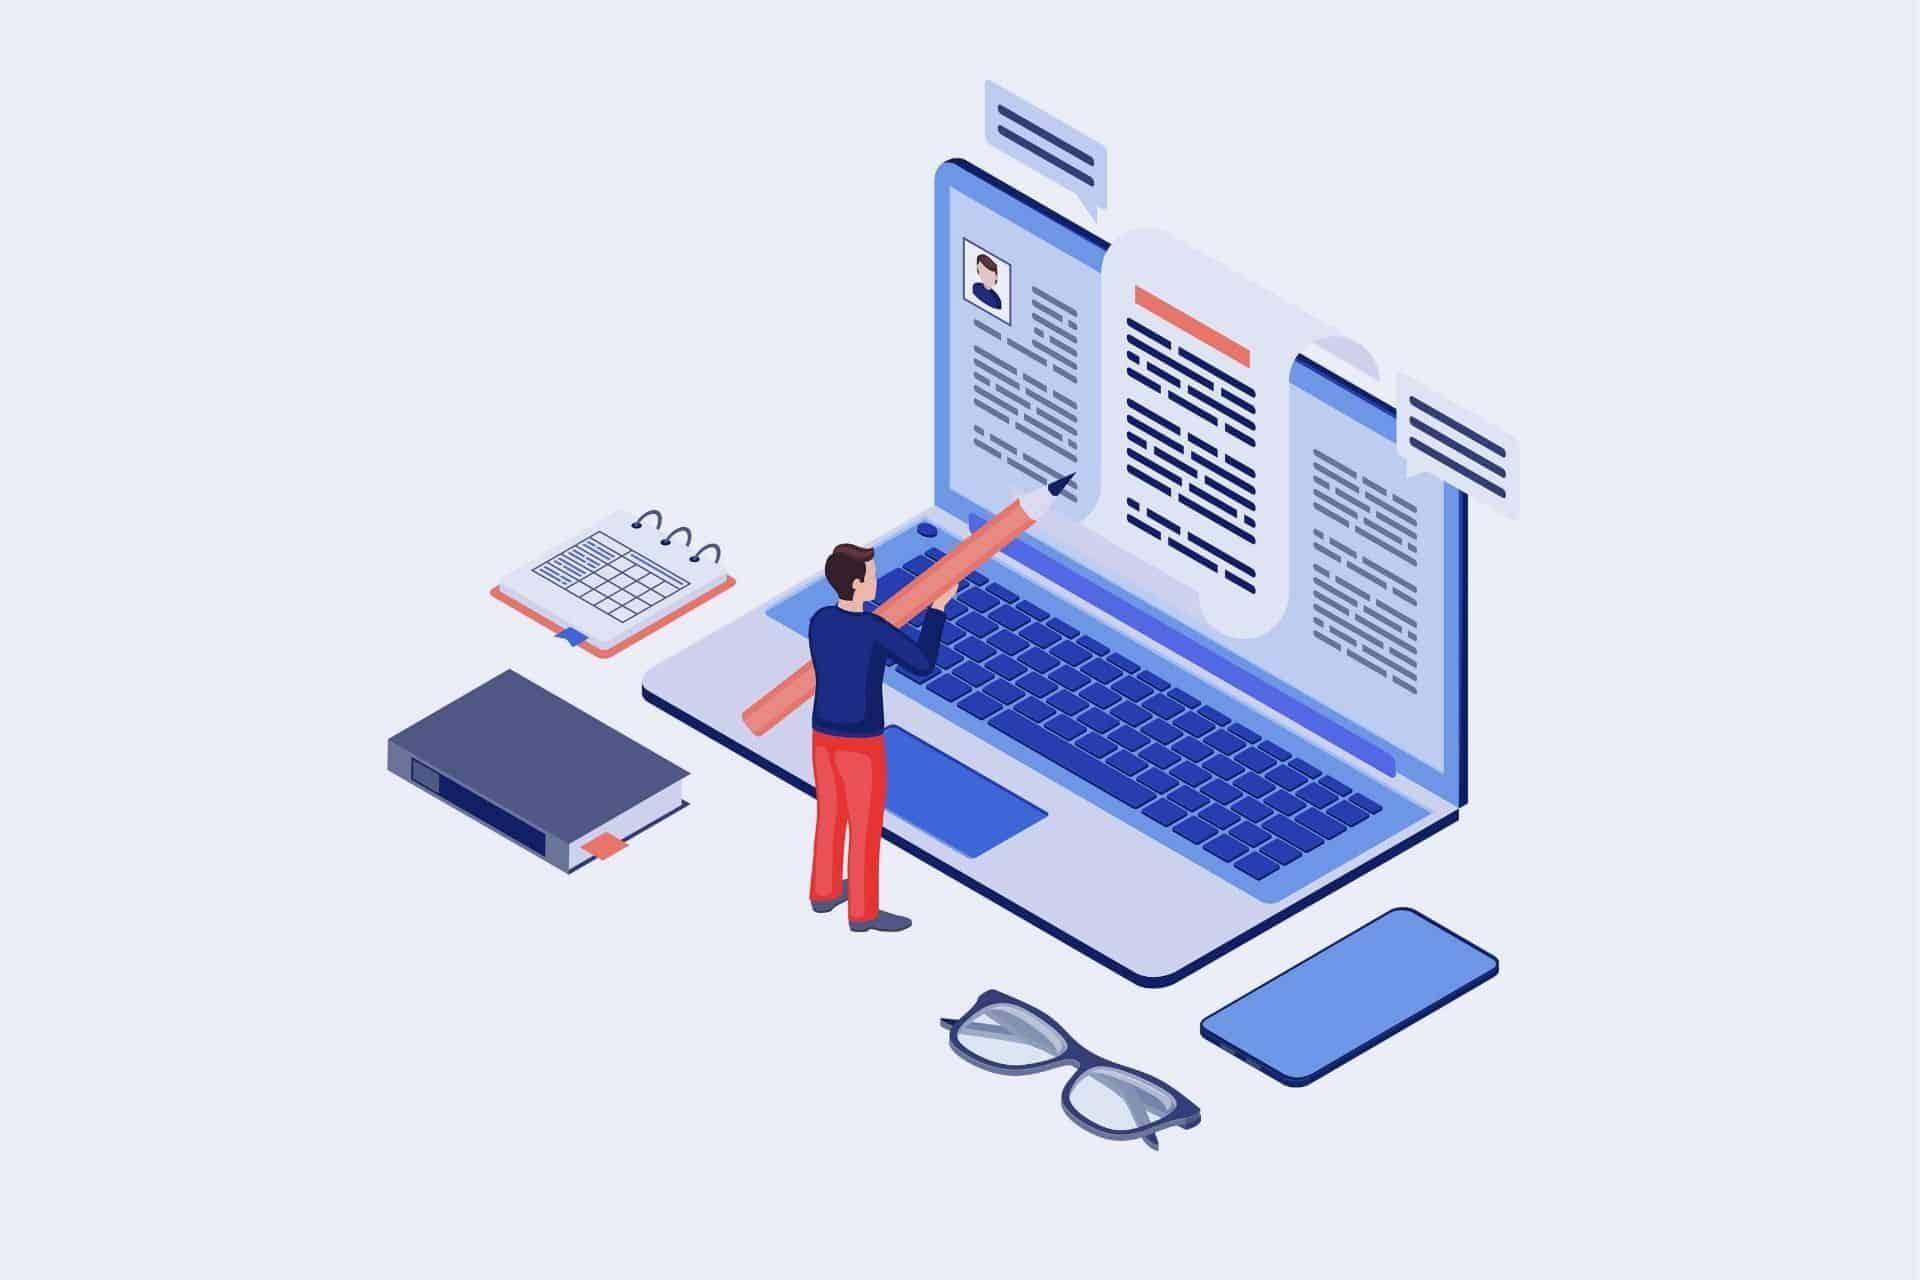 לא משנה איזה סוג עסק יש לך גדול או קטן, תהליך בניית אתרי תדמית או אתרי מכירות זהה לחלוטין!